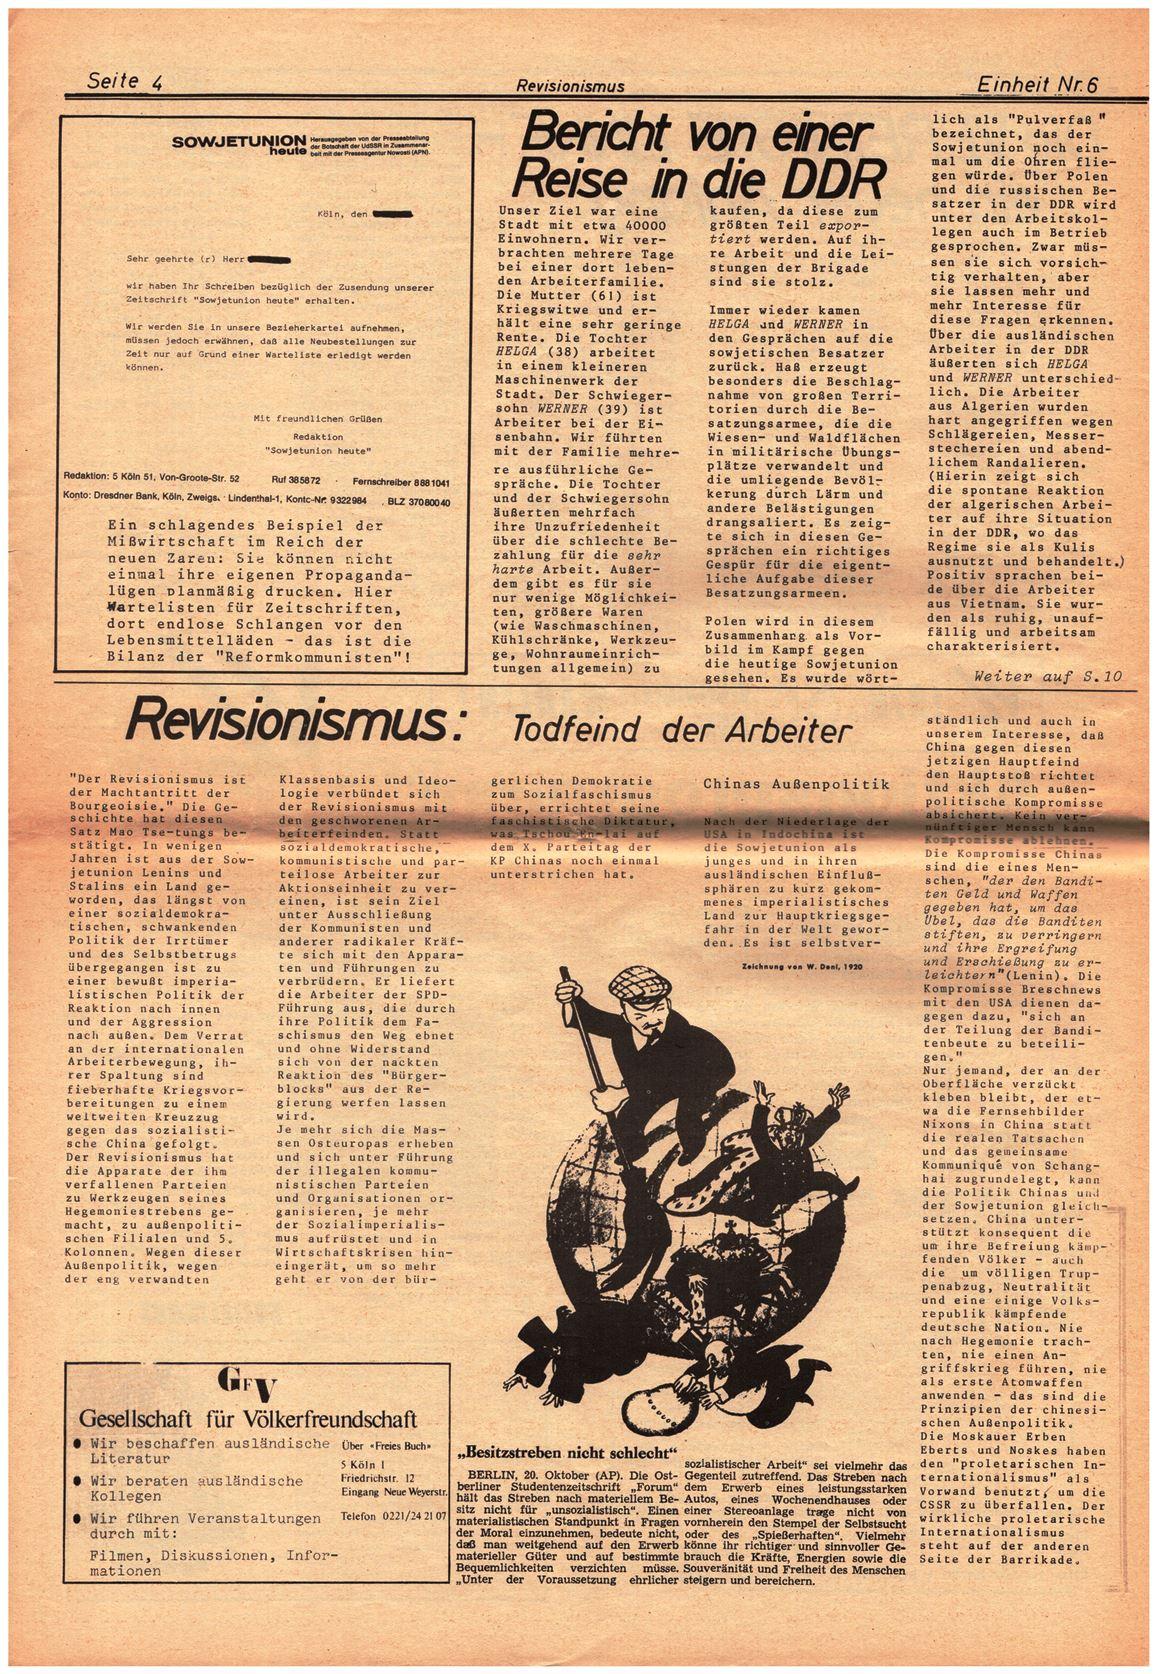 Koeln_IPdA_Einheit_1976_006_004